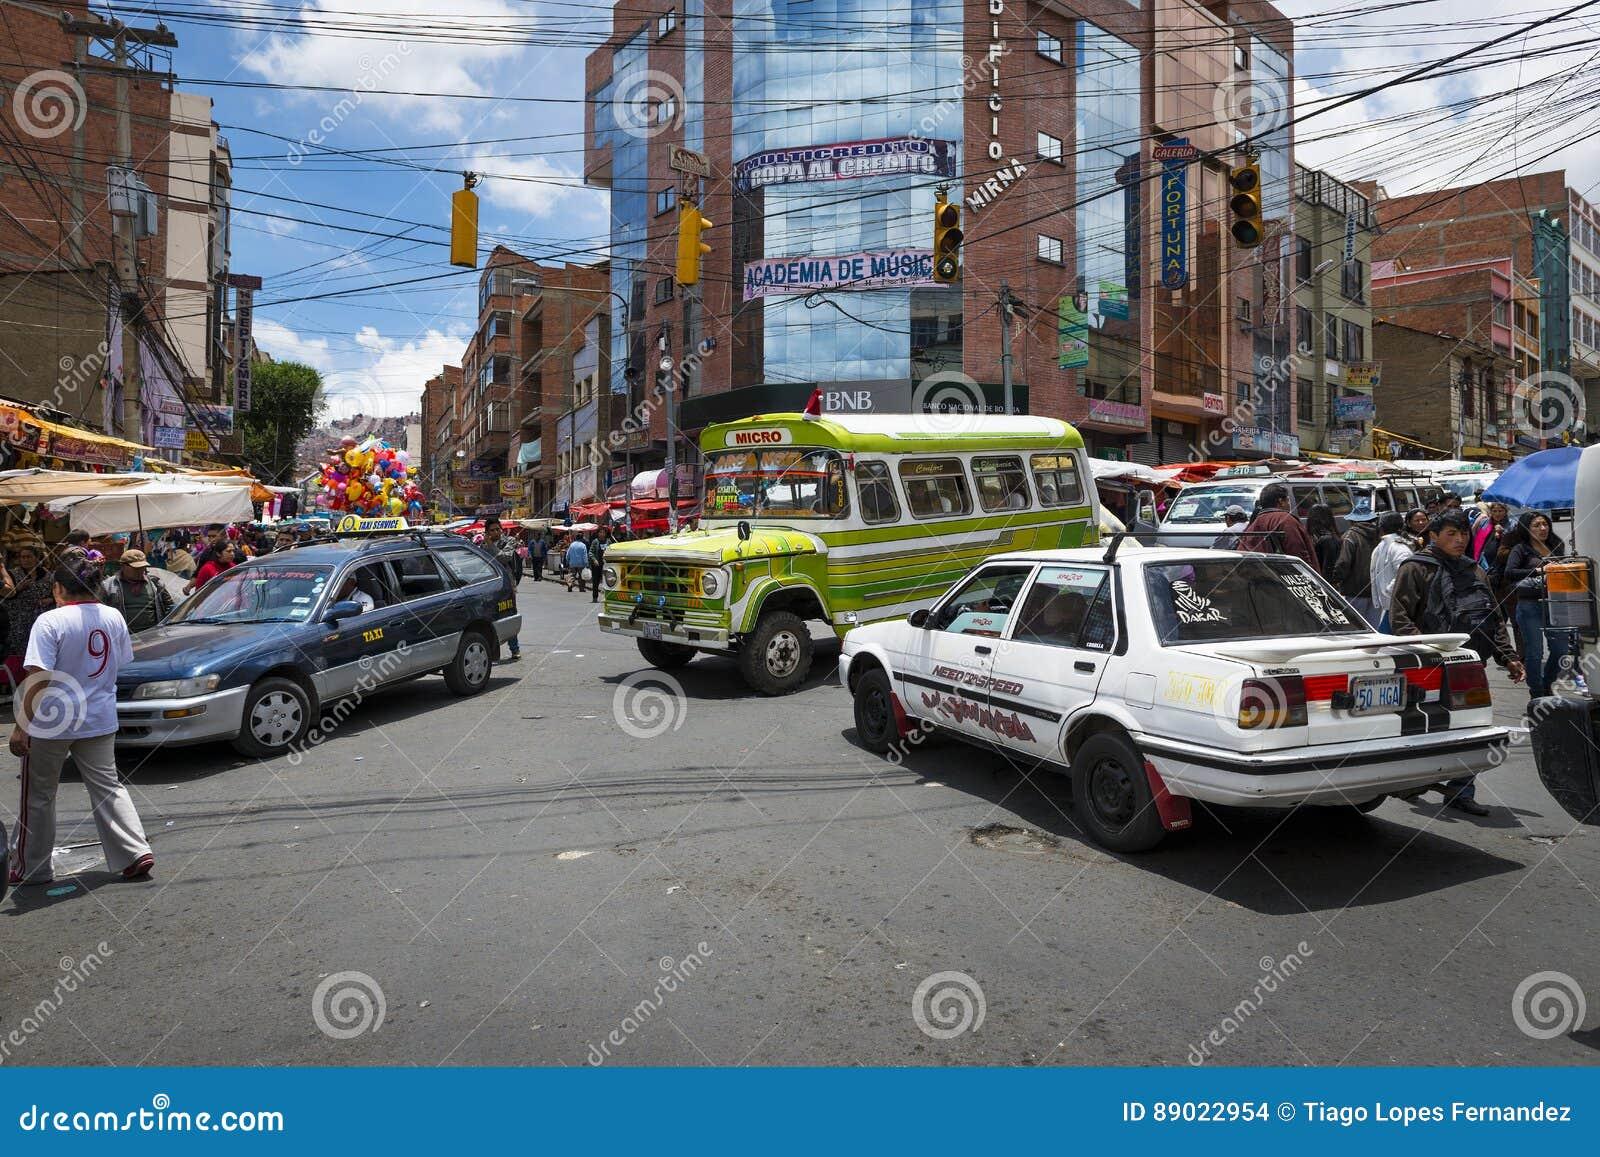 Interseção ocupada com carros, ônibus e povos na cidade de La Paz, em Bolívia